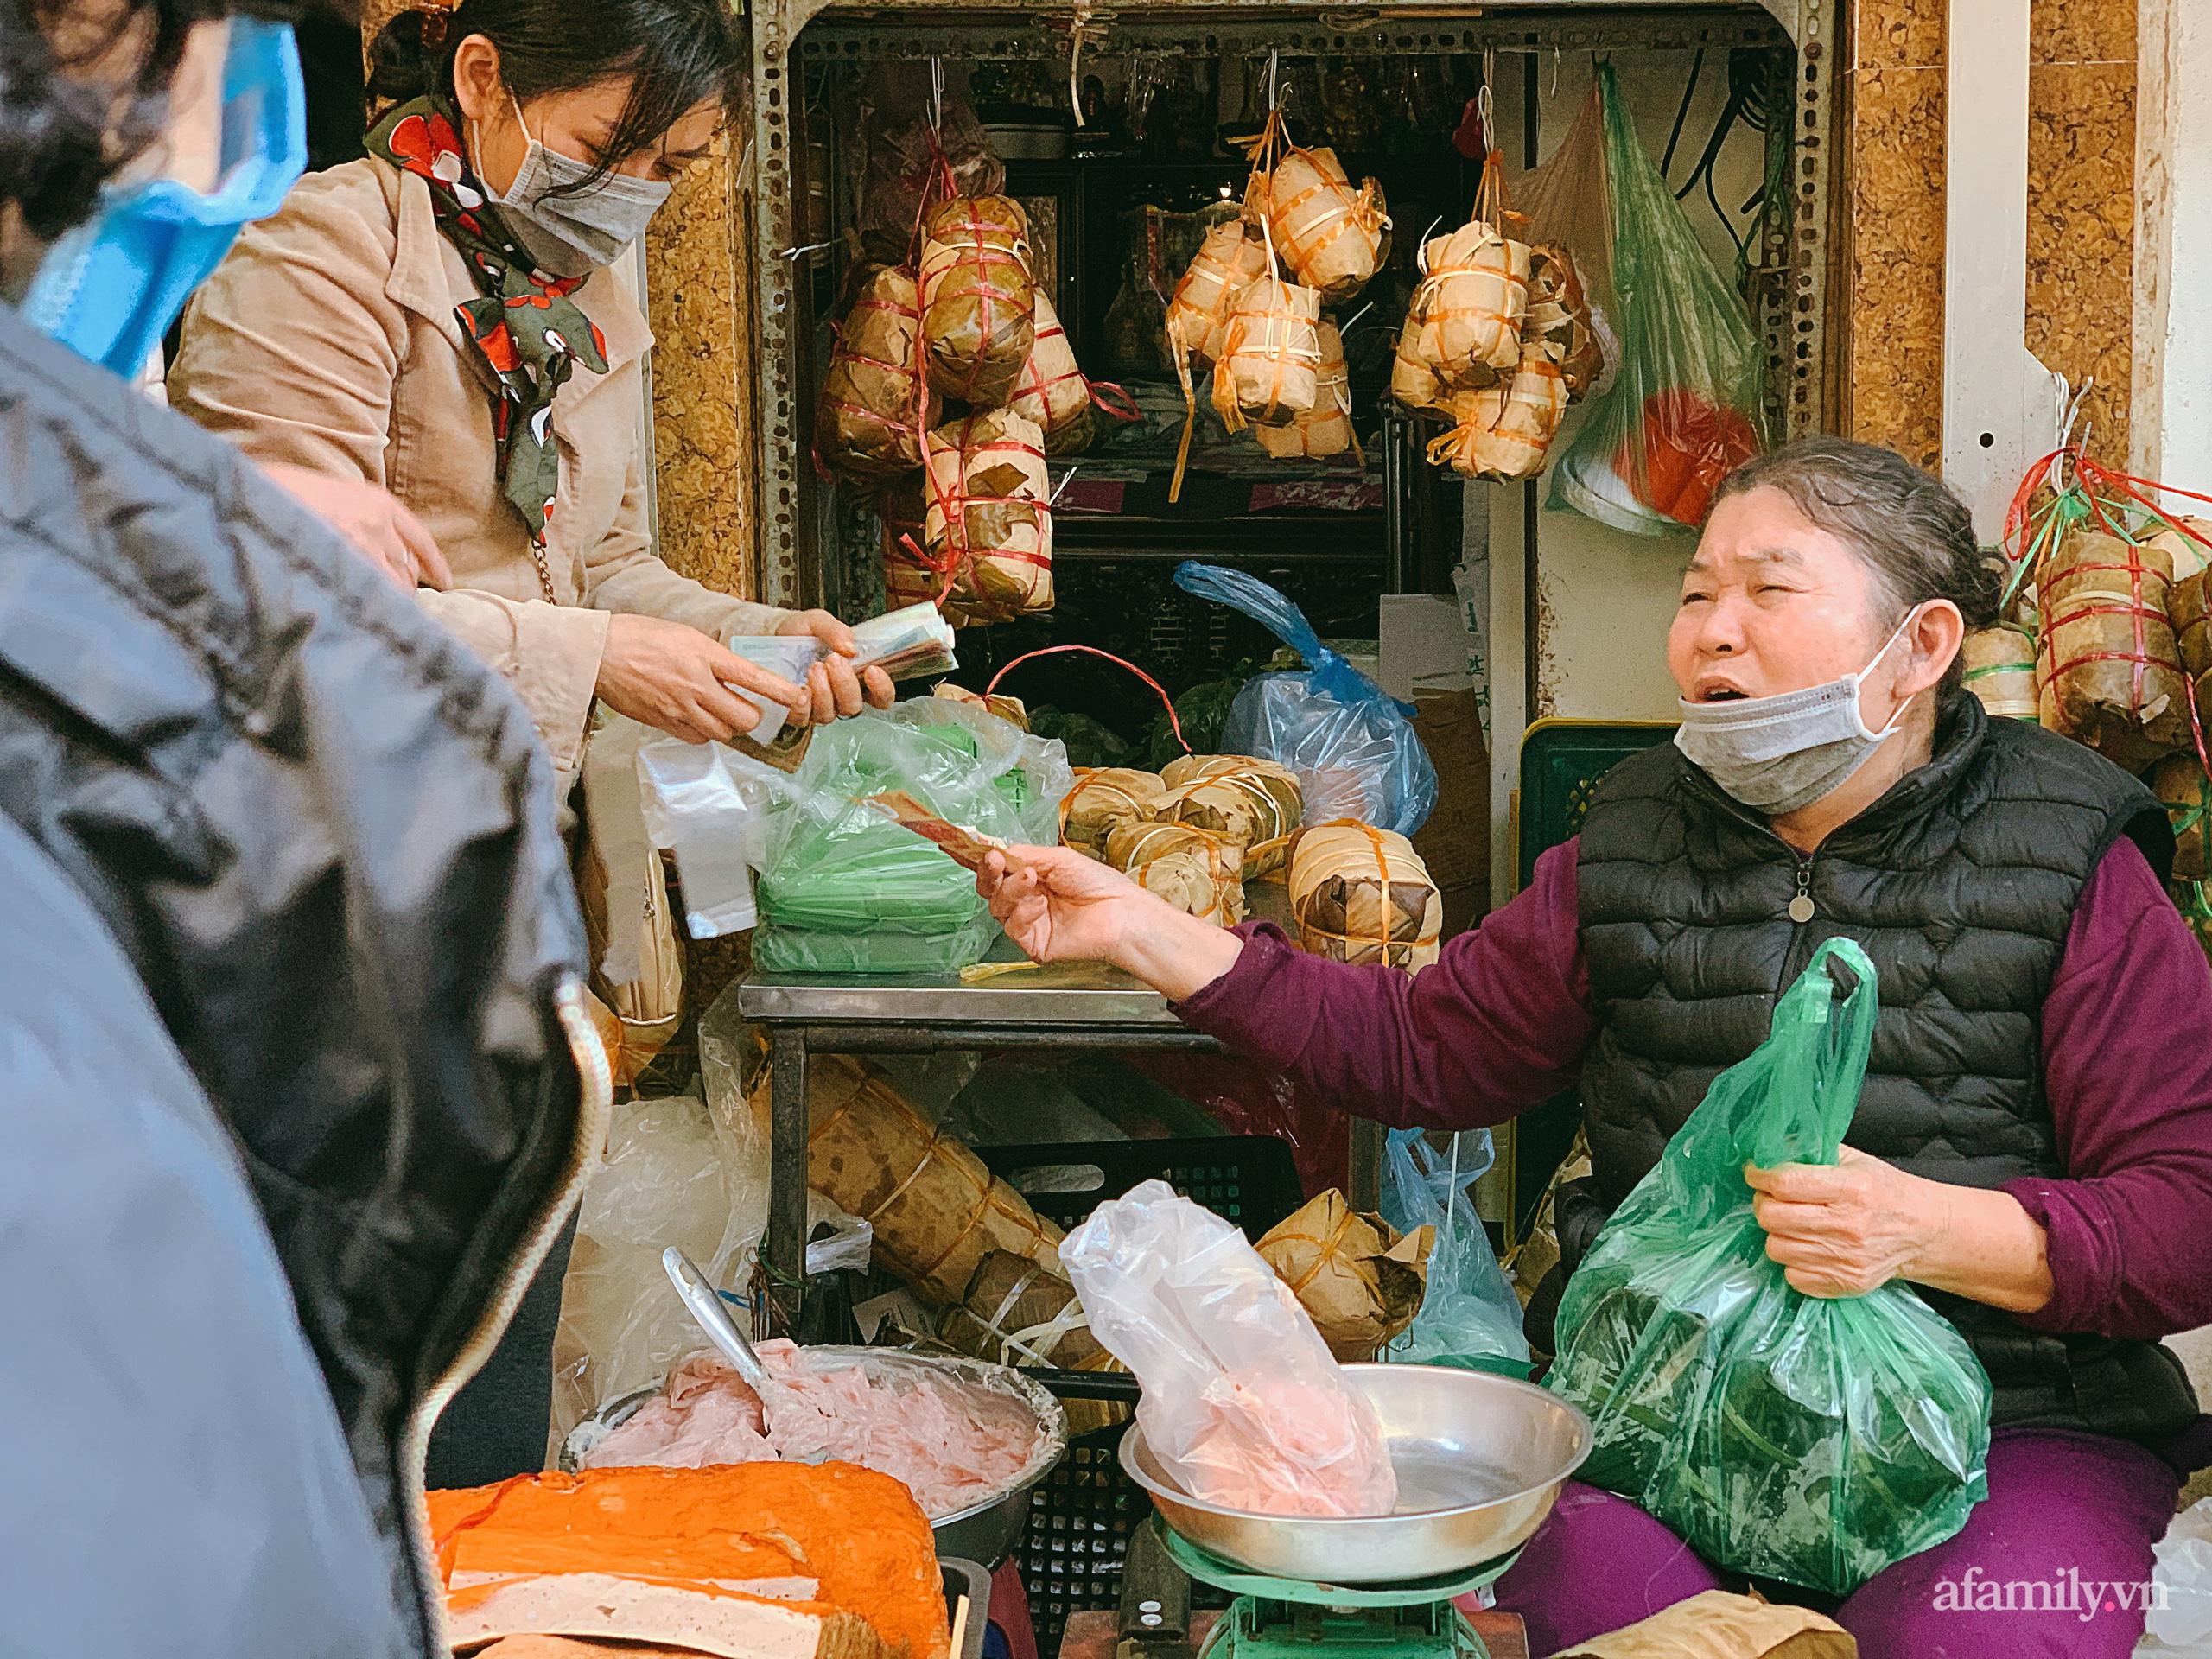 """30 Tết: Chợ Hàng Bè thất thủ, 1 triệu đồng/con gà bày mâm cỗ mà khách vẫn phải xếp hàng chờ """"dài cổ"""" - Ảnh 22."""